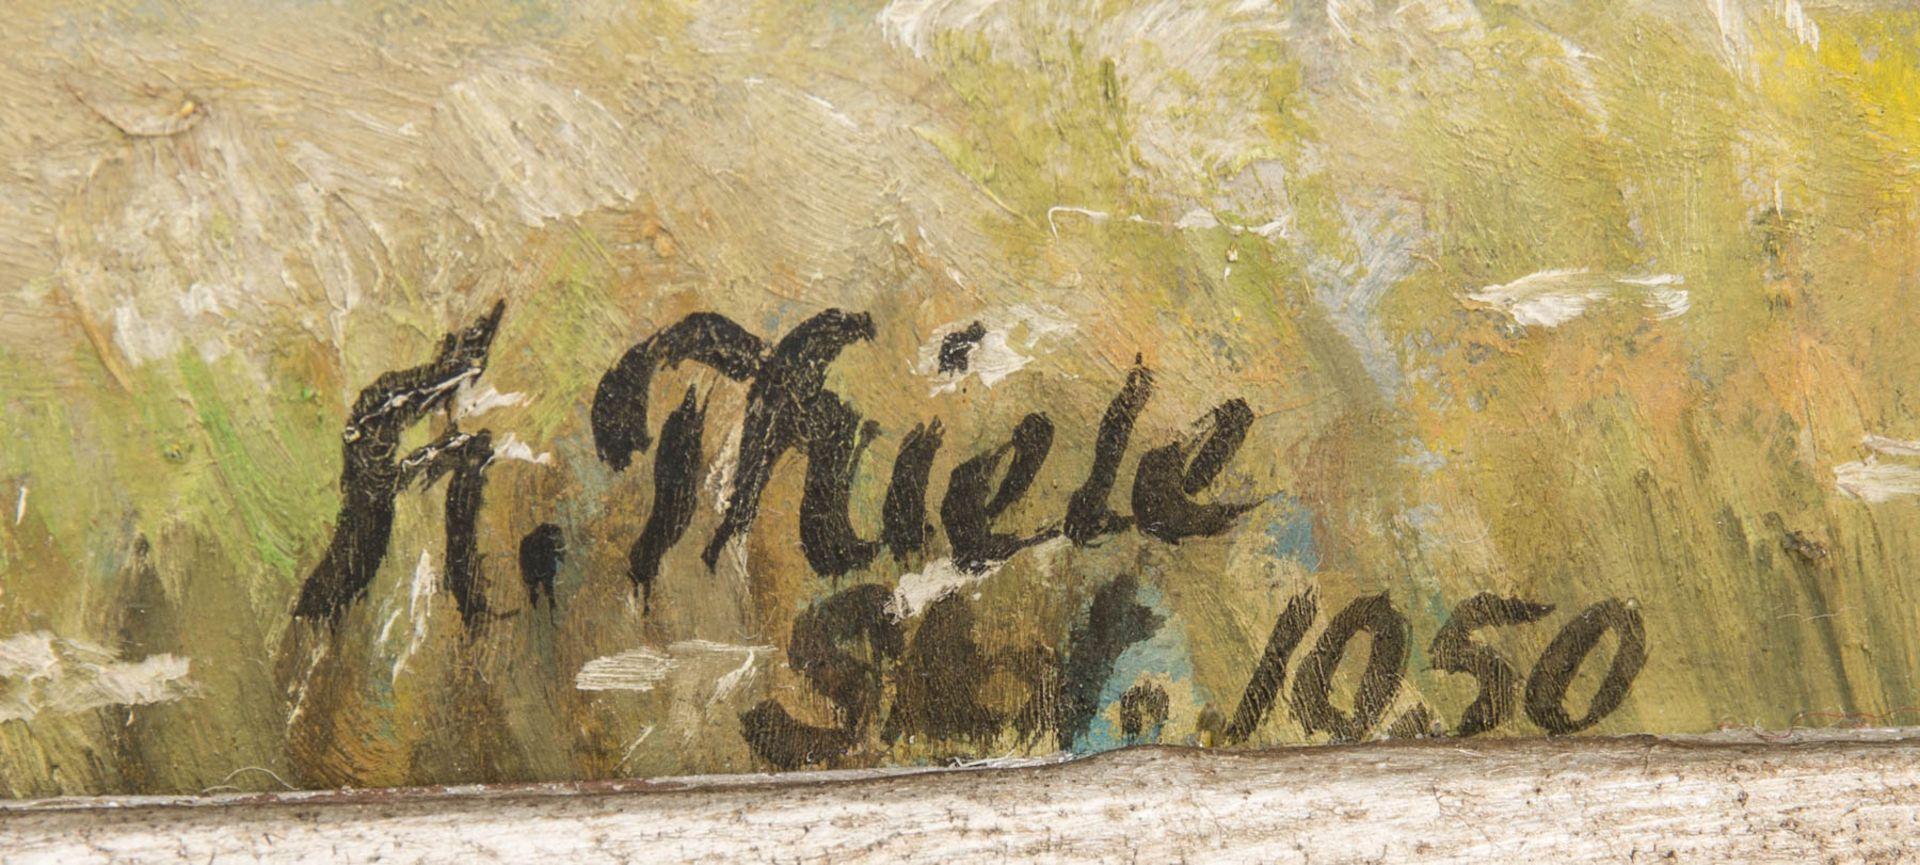 Monogrammiert Thiele, Röhnlandschaftsansicht, Öl auf Platte, 1950.Gerahmt, unten rec - Bild 3 aus 6